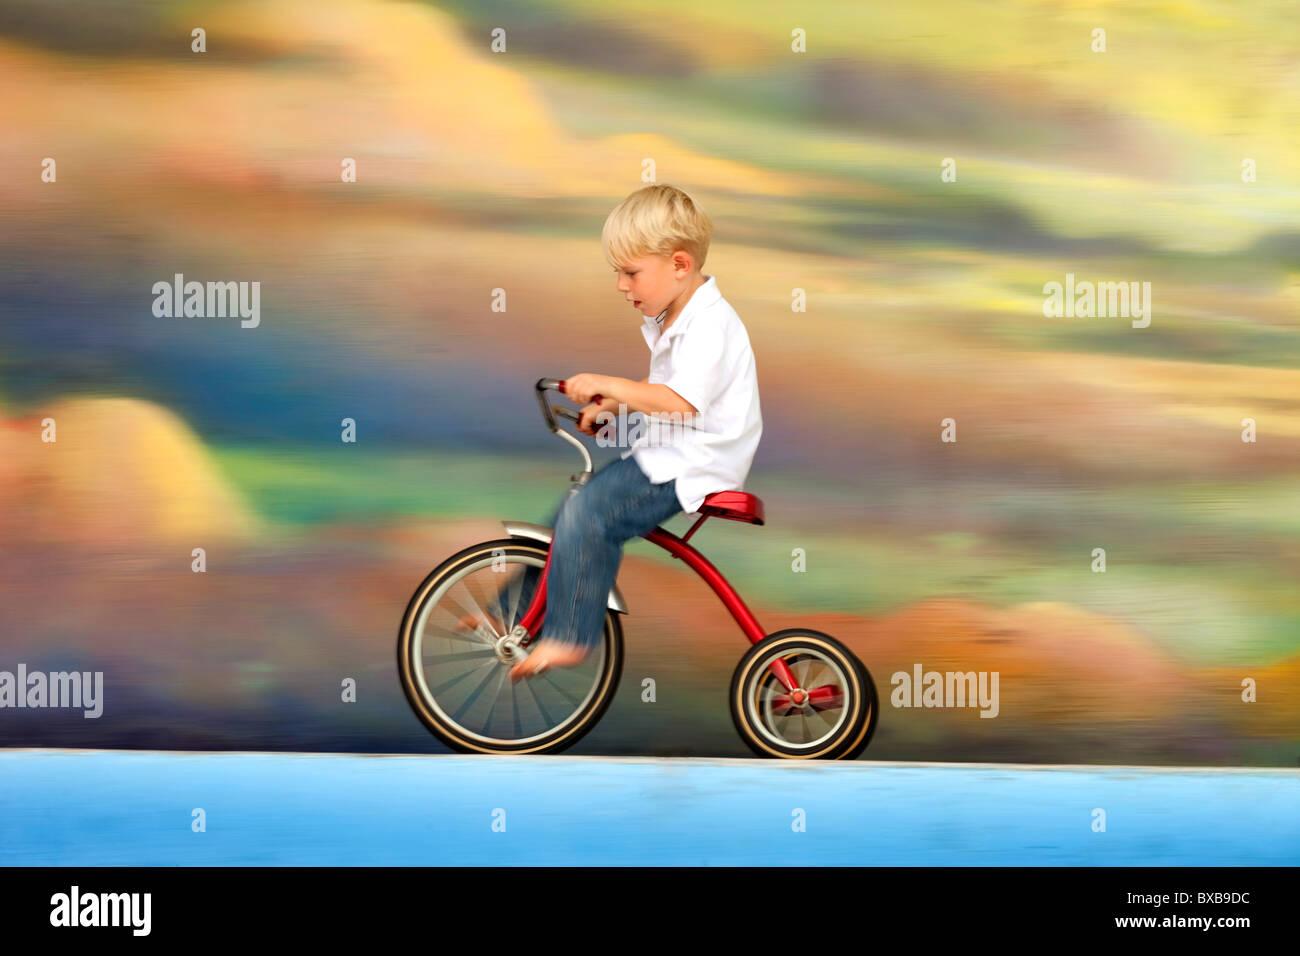 Rapaz a cavalo triciclo contra o céu com nuvens coloridas Imagens de Stock